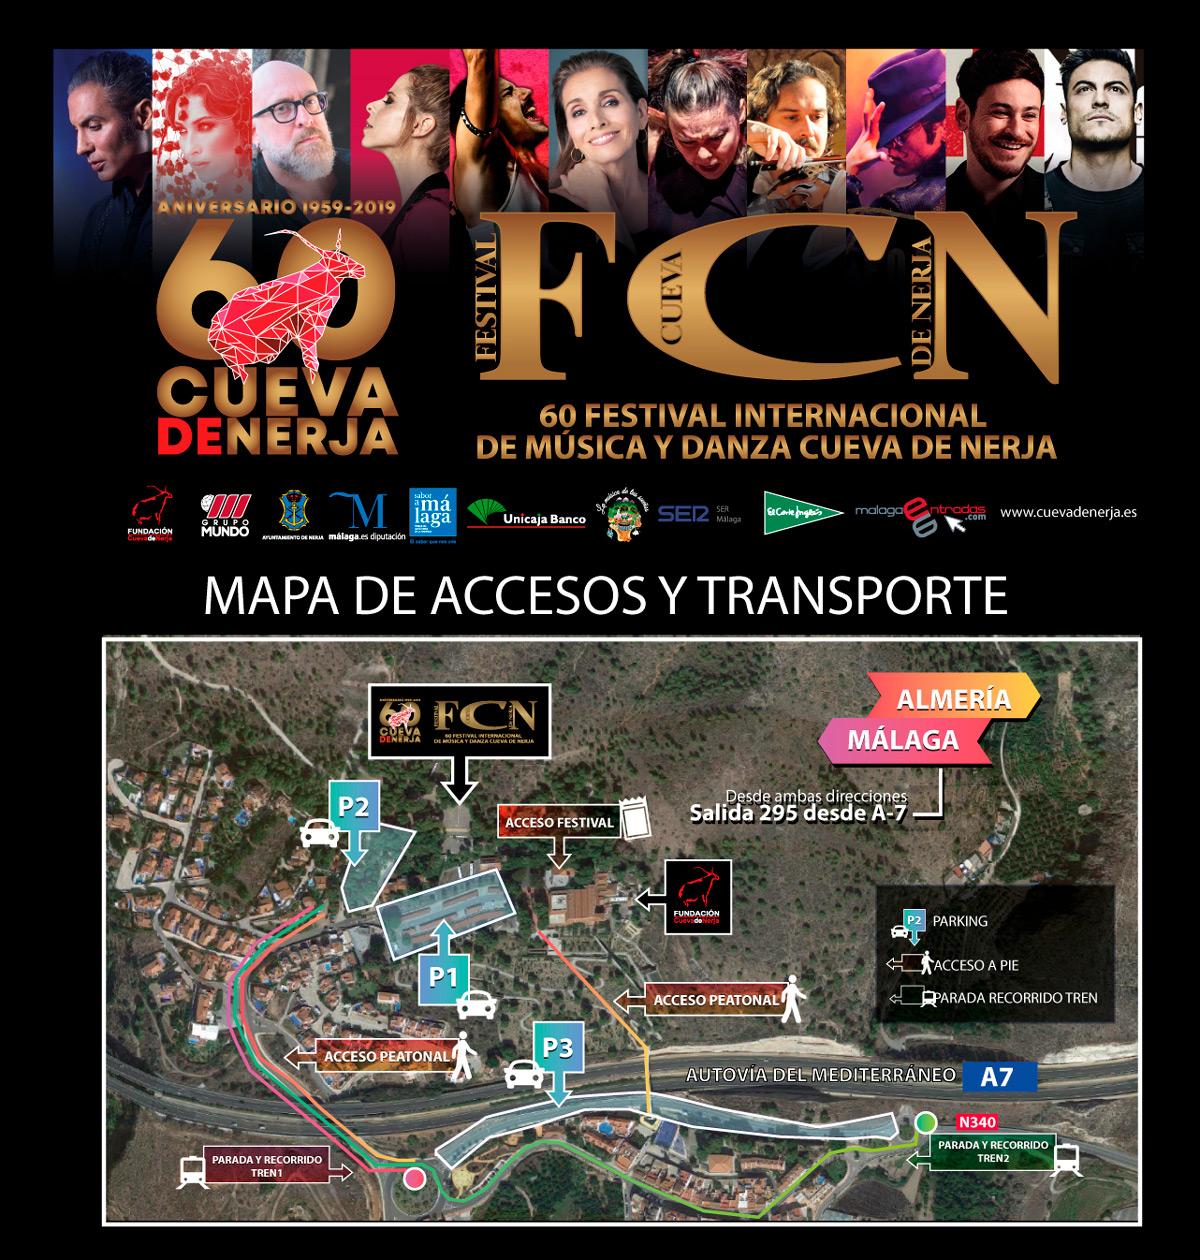 Si vas a asistir al 60 Festival Cueva de Nerja esta información te interesa